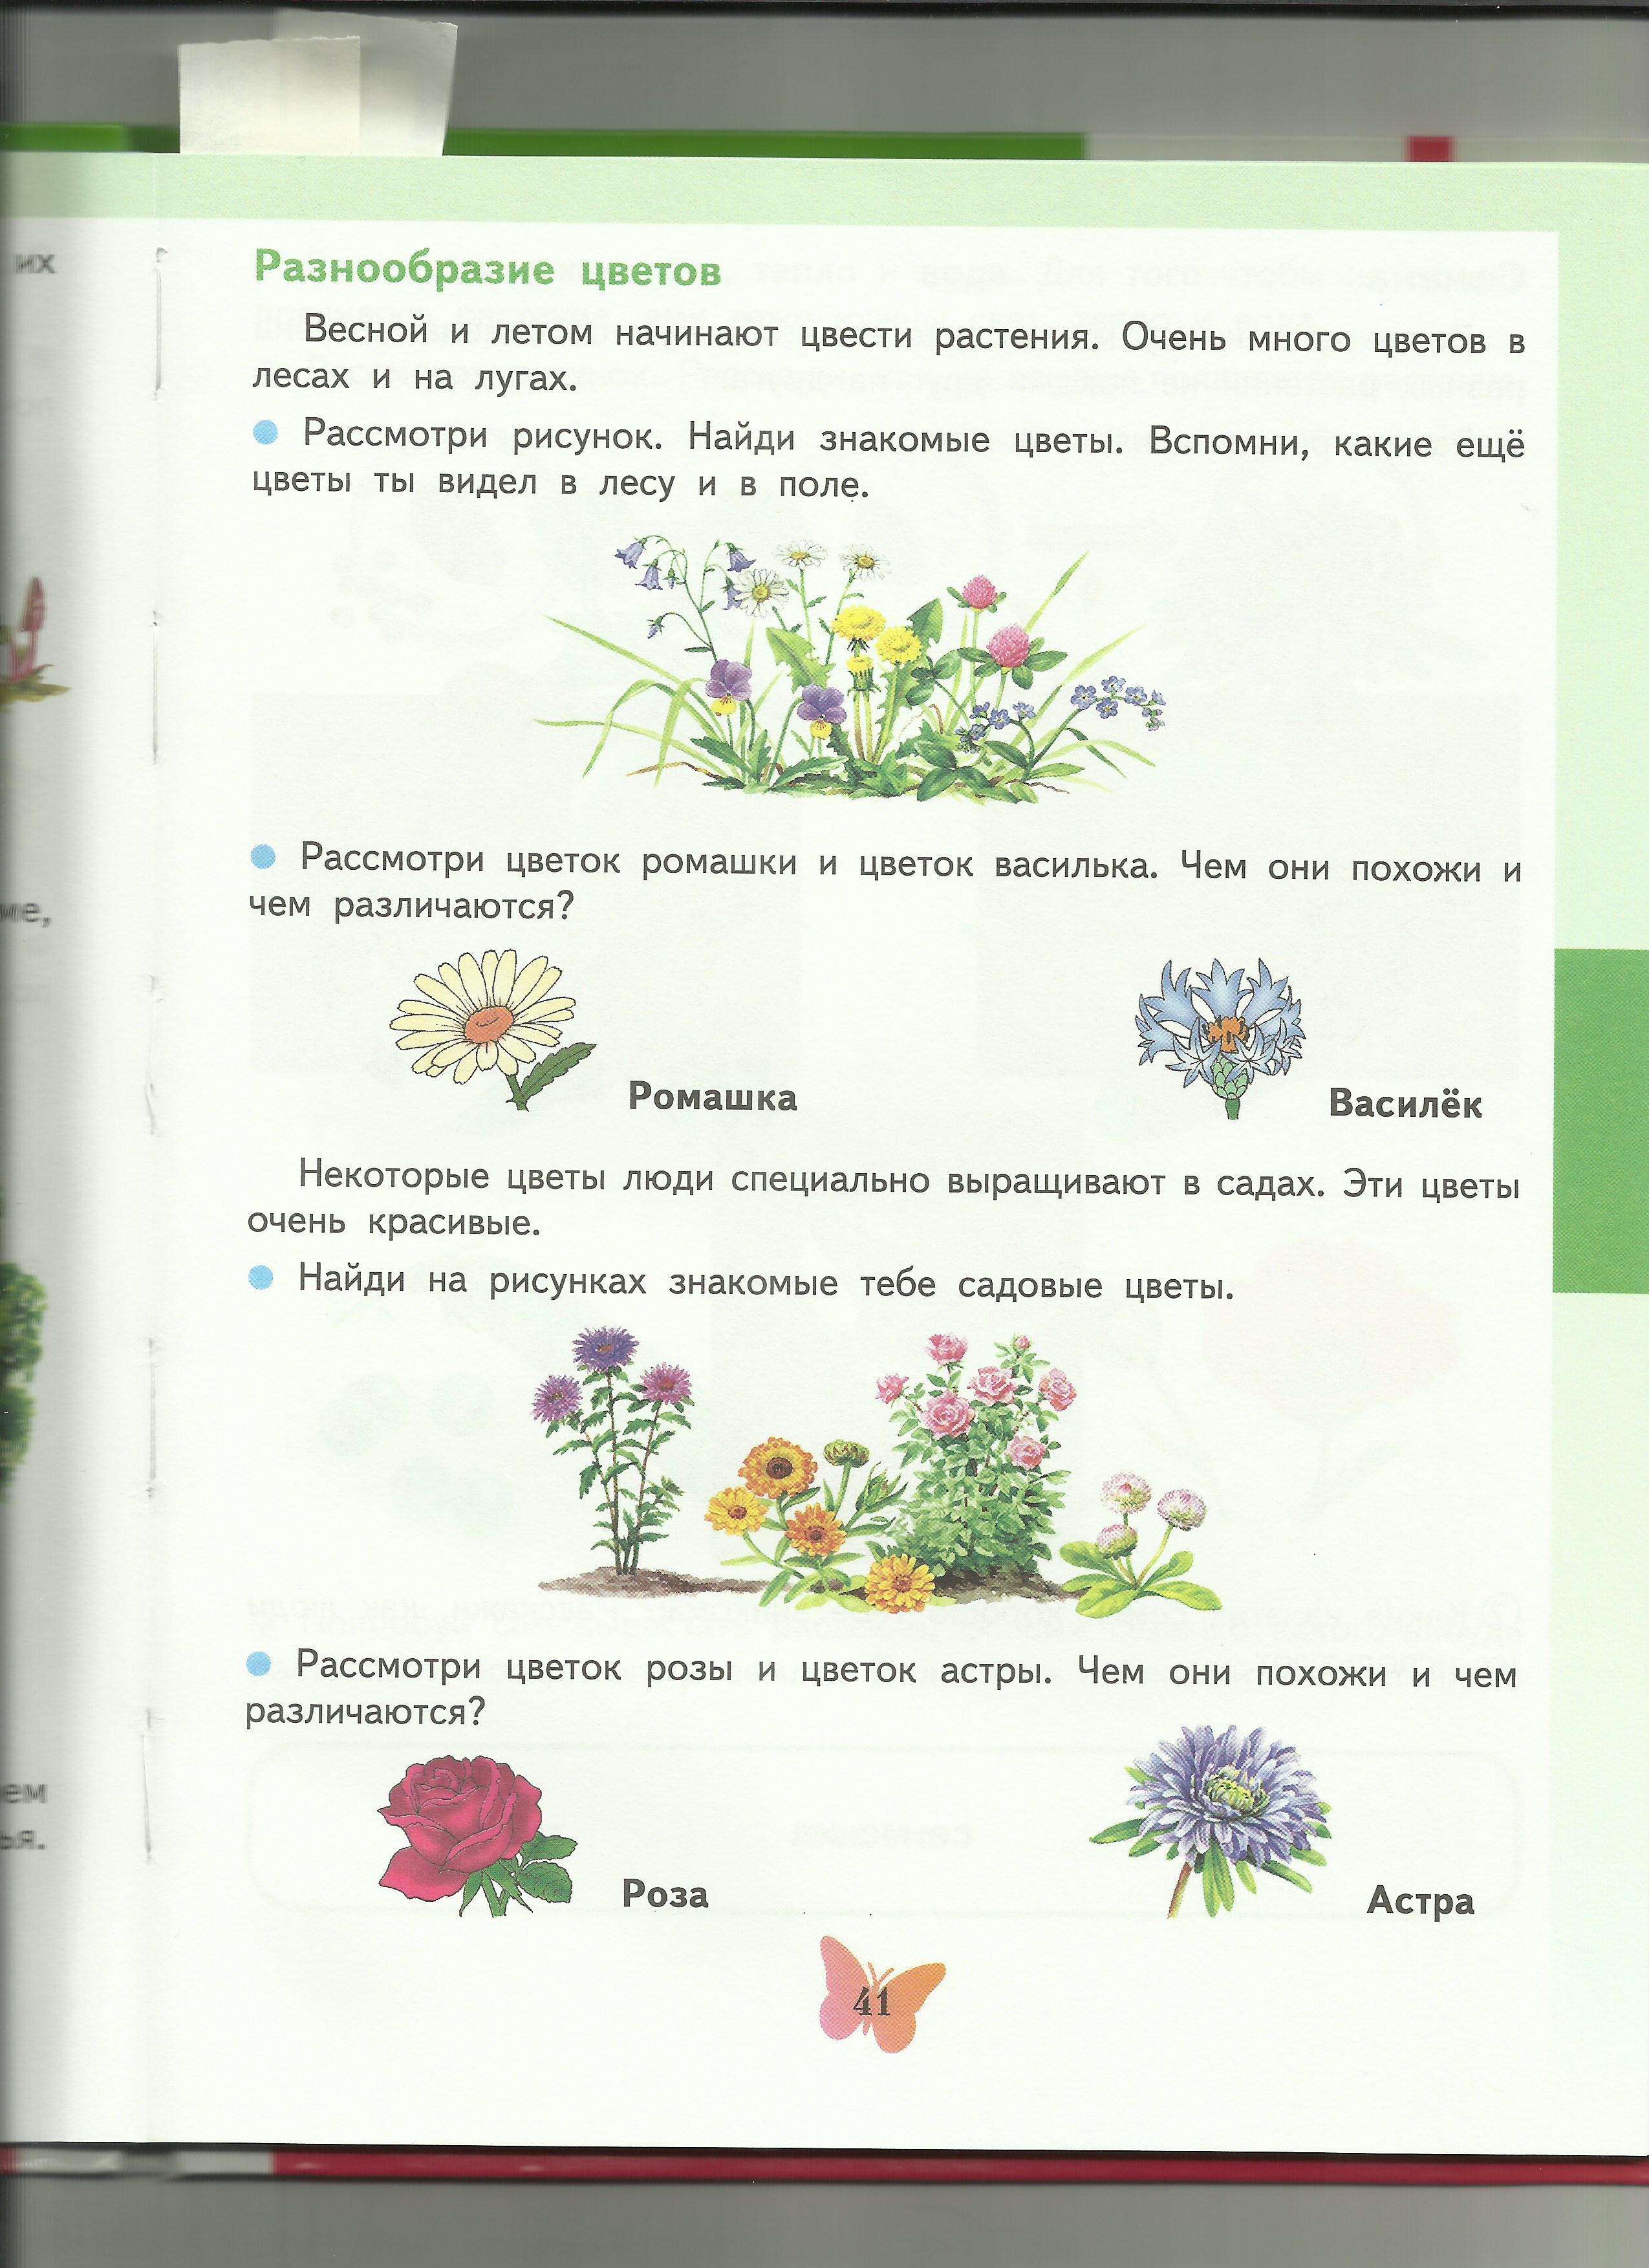 C:\Users\пр\Desktop\папка растения7\разнообразие цветов.jpg